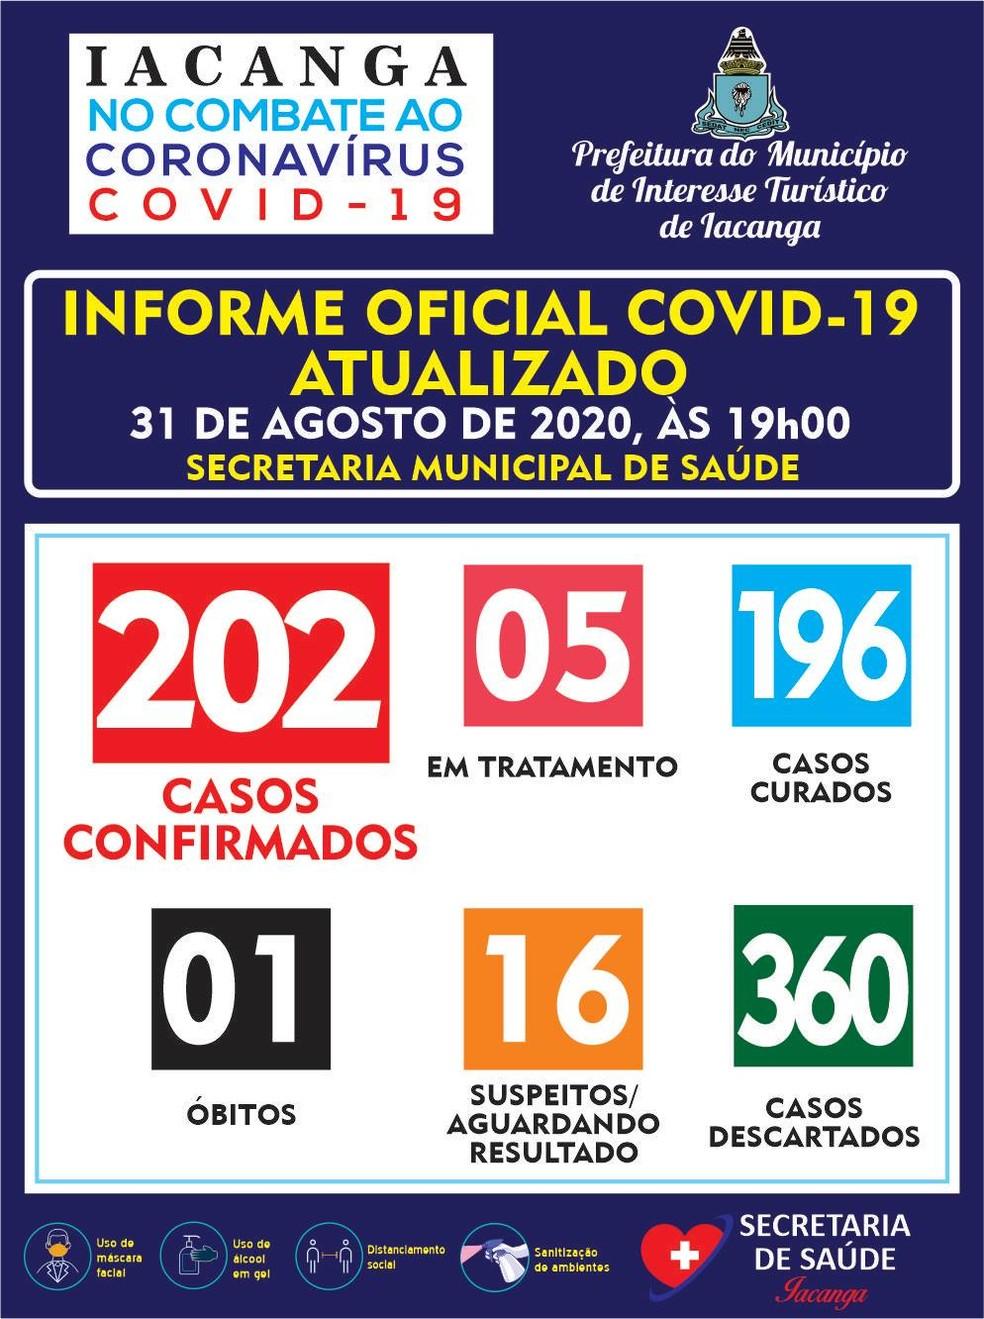 Iacanga registra 1ª morte por coronavírus — Foto: Prefeitura de Iacanga/Divulgação